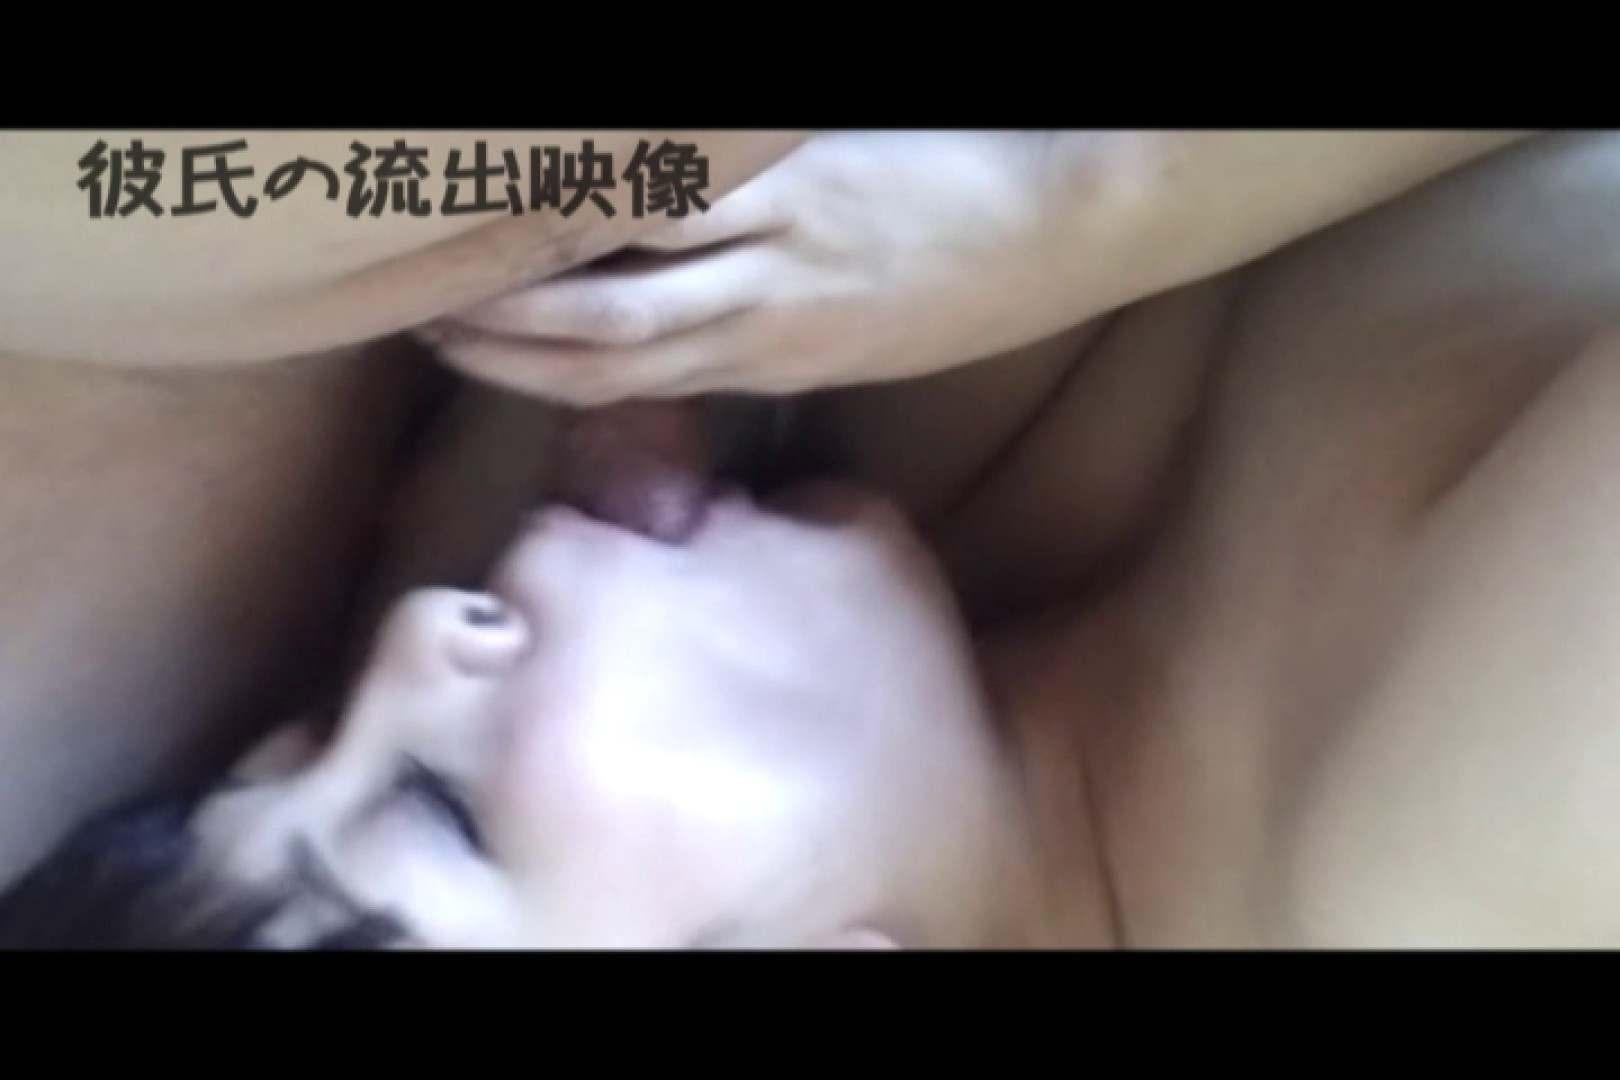 彼氏が流出 パイパン素人嬢のハメ撮り映像03 素人流出 盗撮動画紹介 49PIX 35